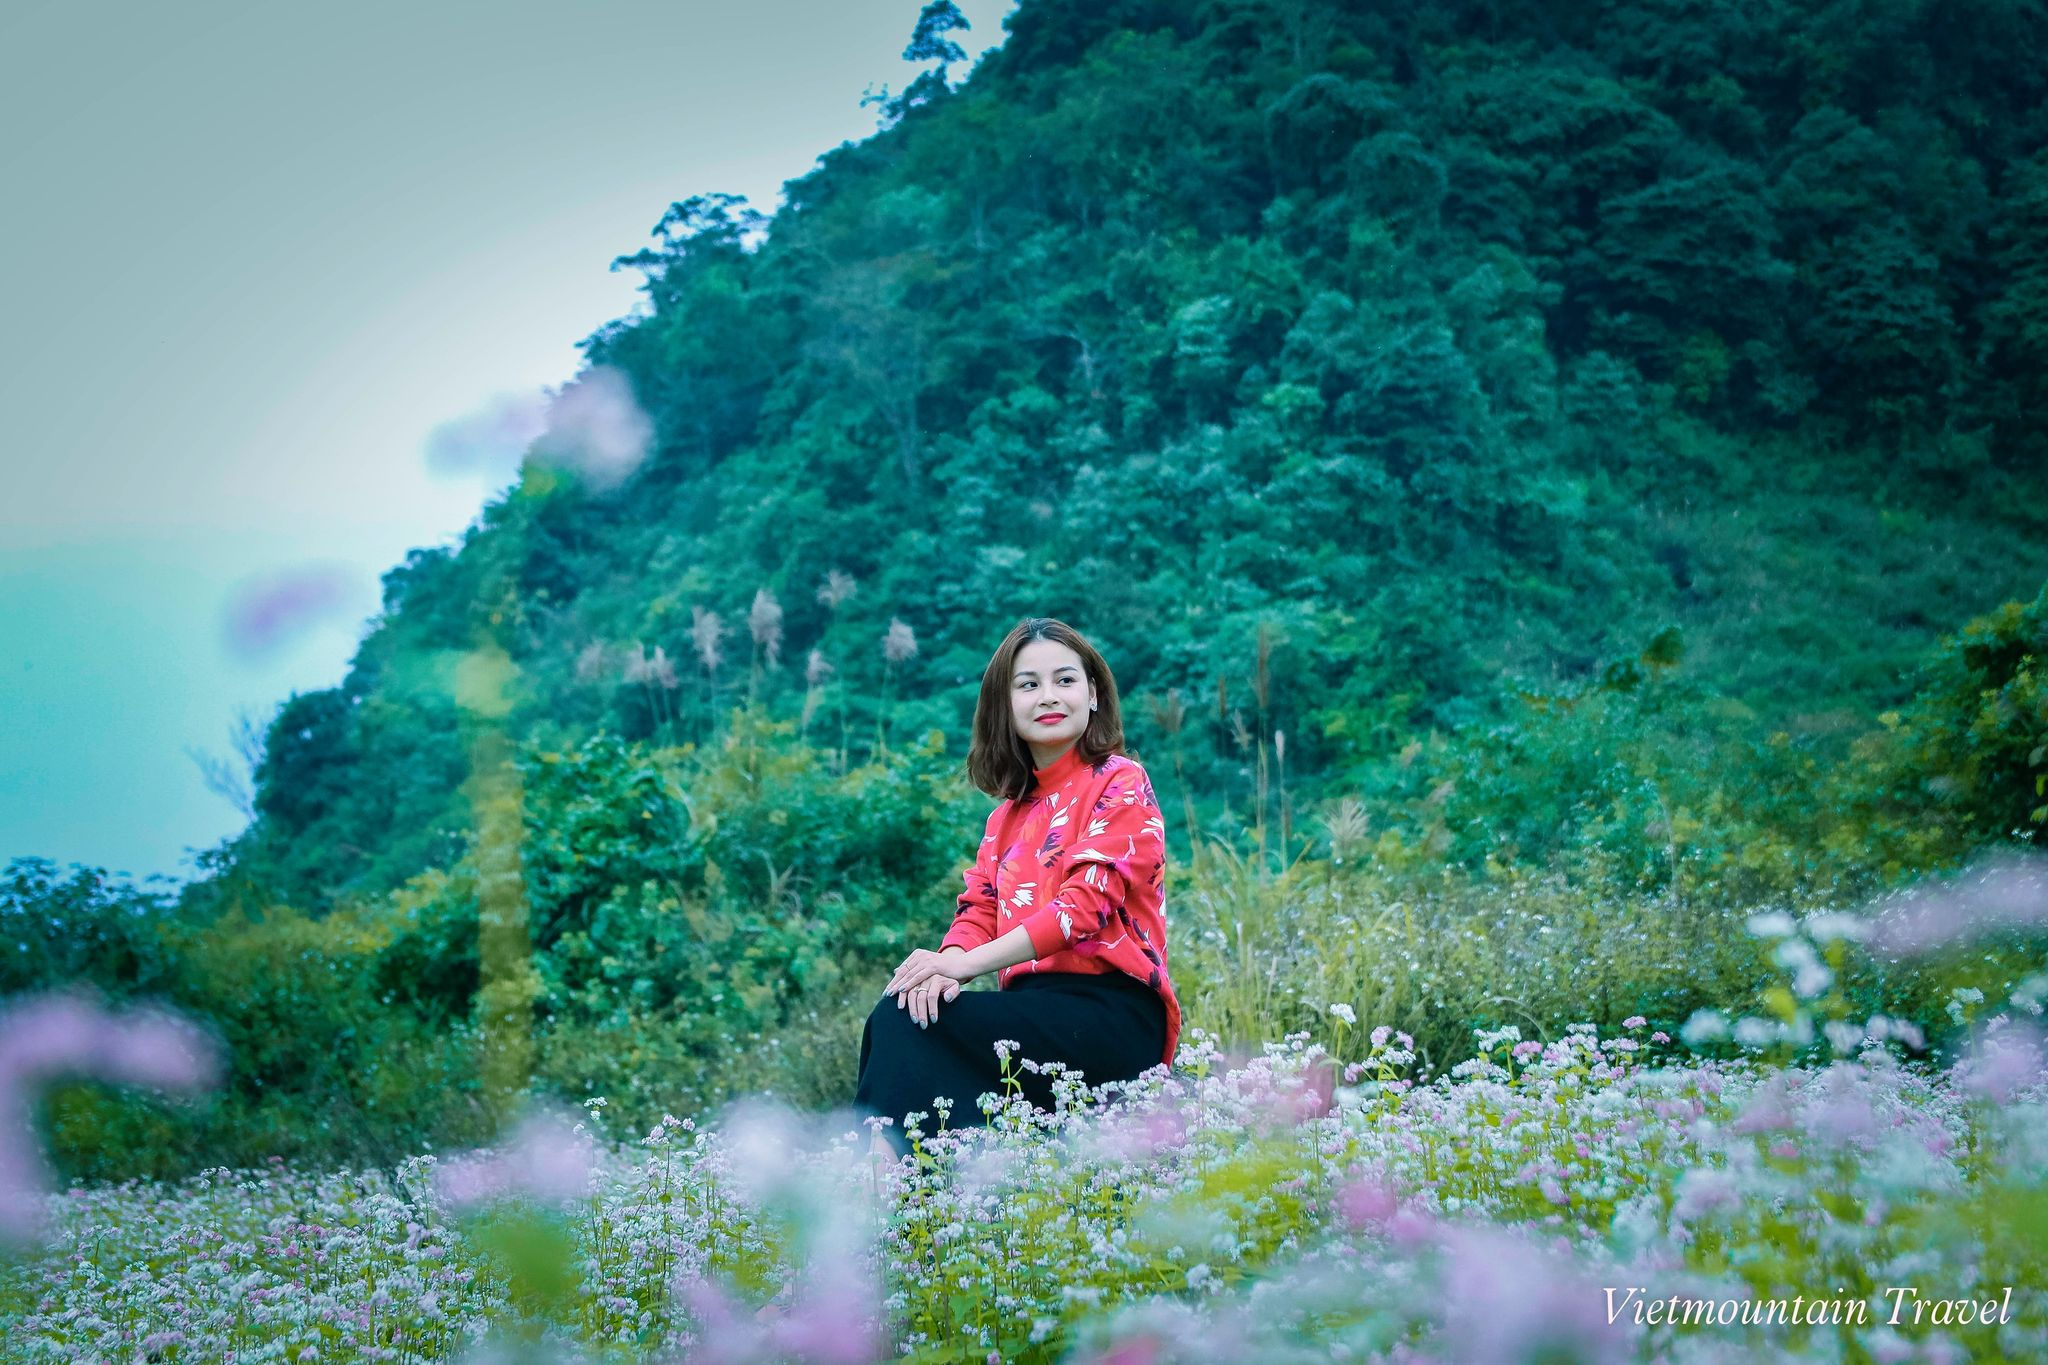 Thoi-gian-ly-tuong-de-len-ha-giang-ngam-hoa-tam-giac-mach-du-lich-nui-viet-vietmountain-travel2